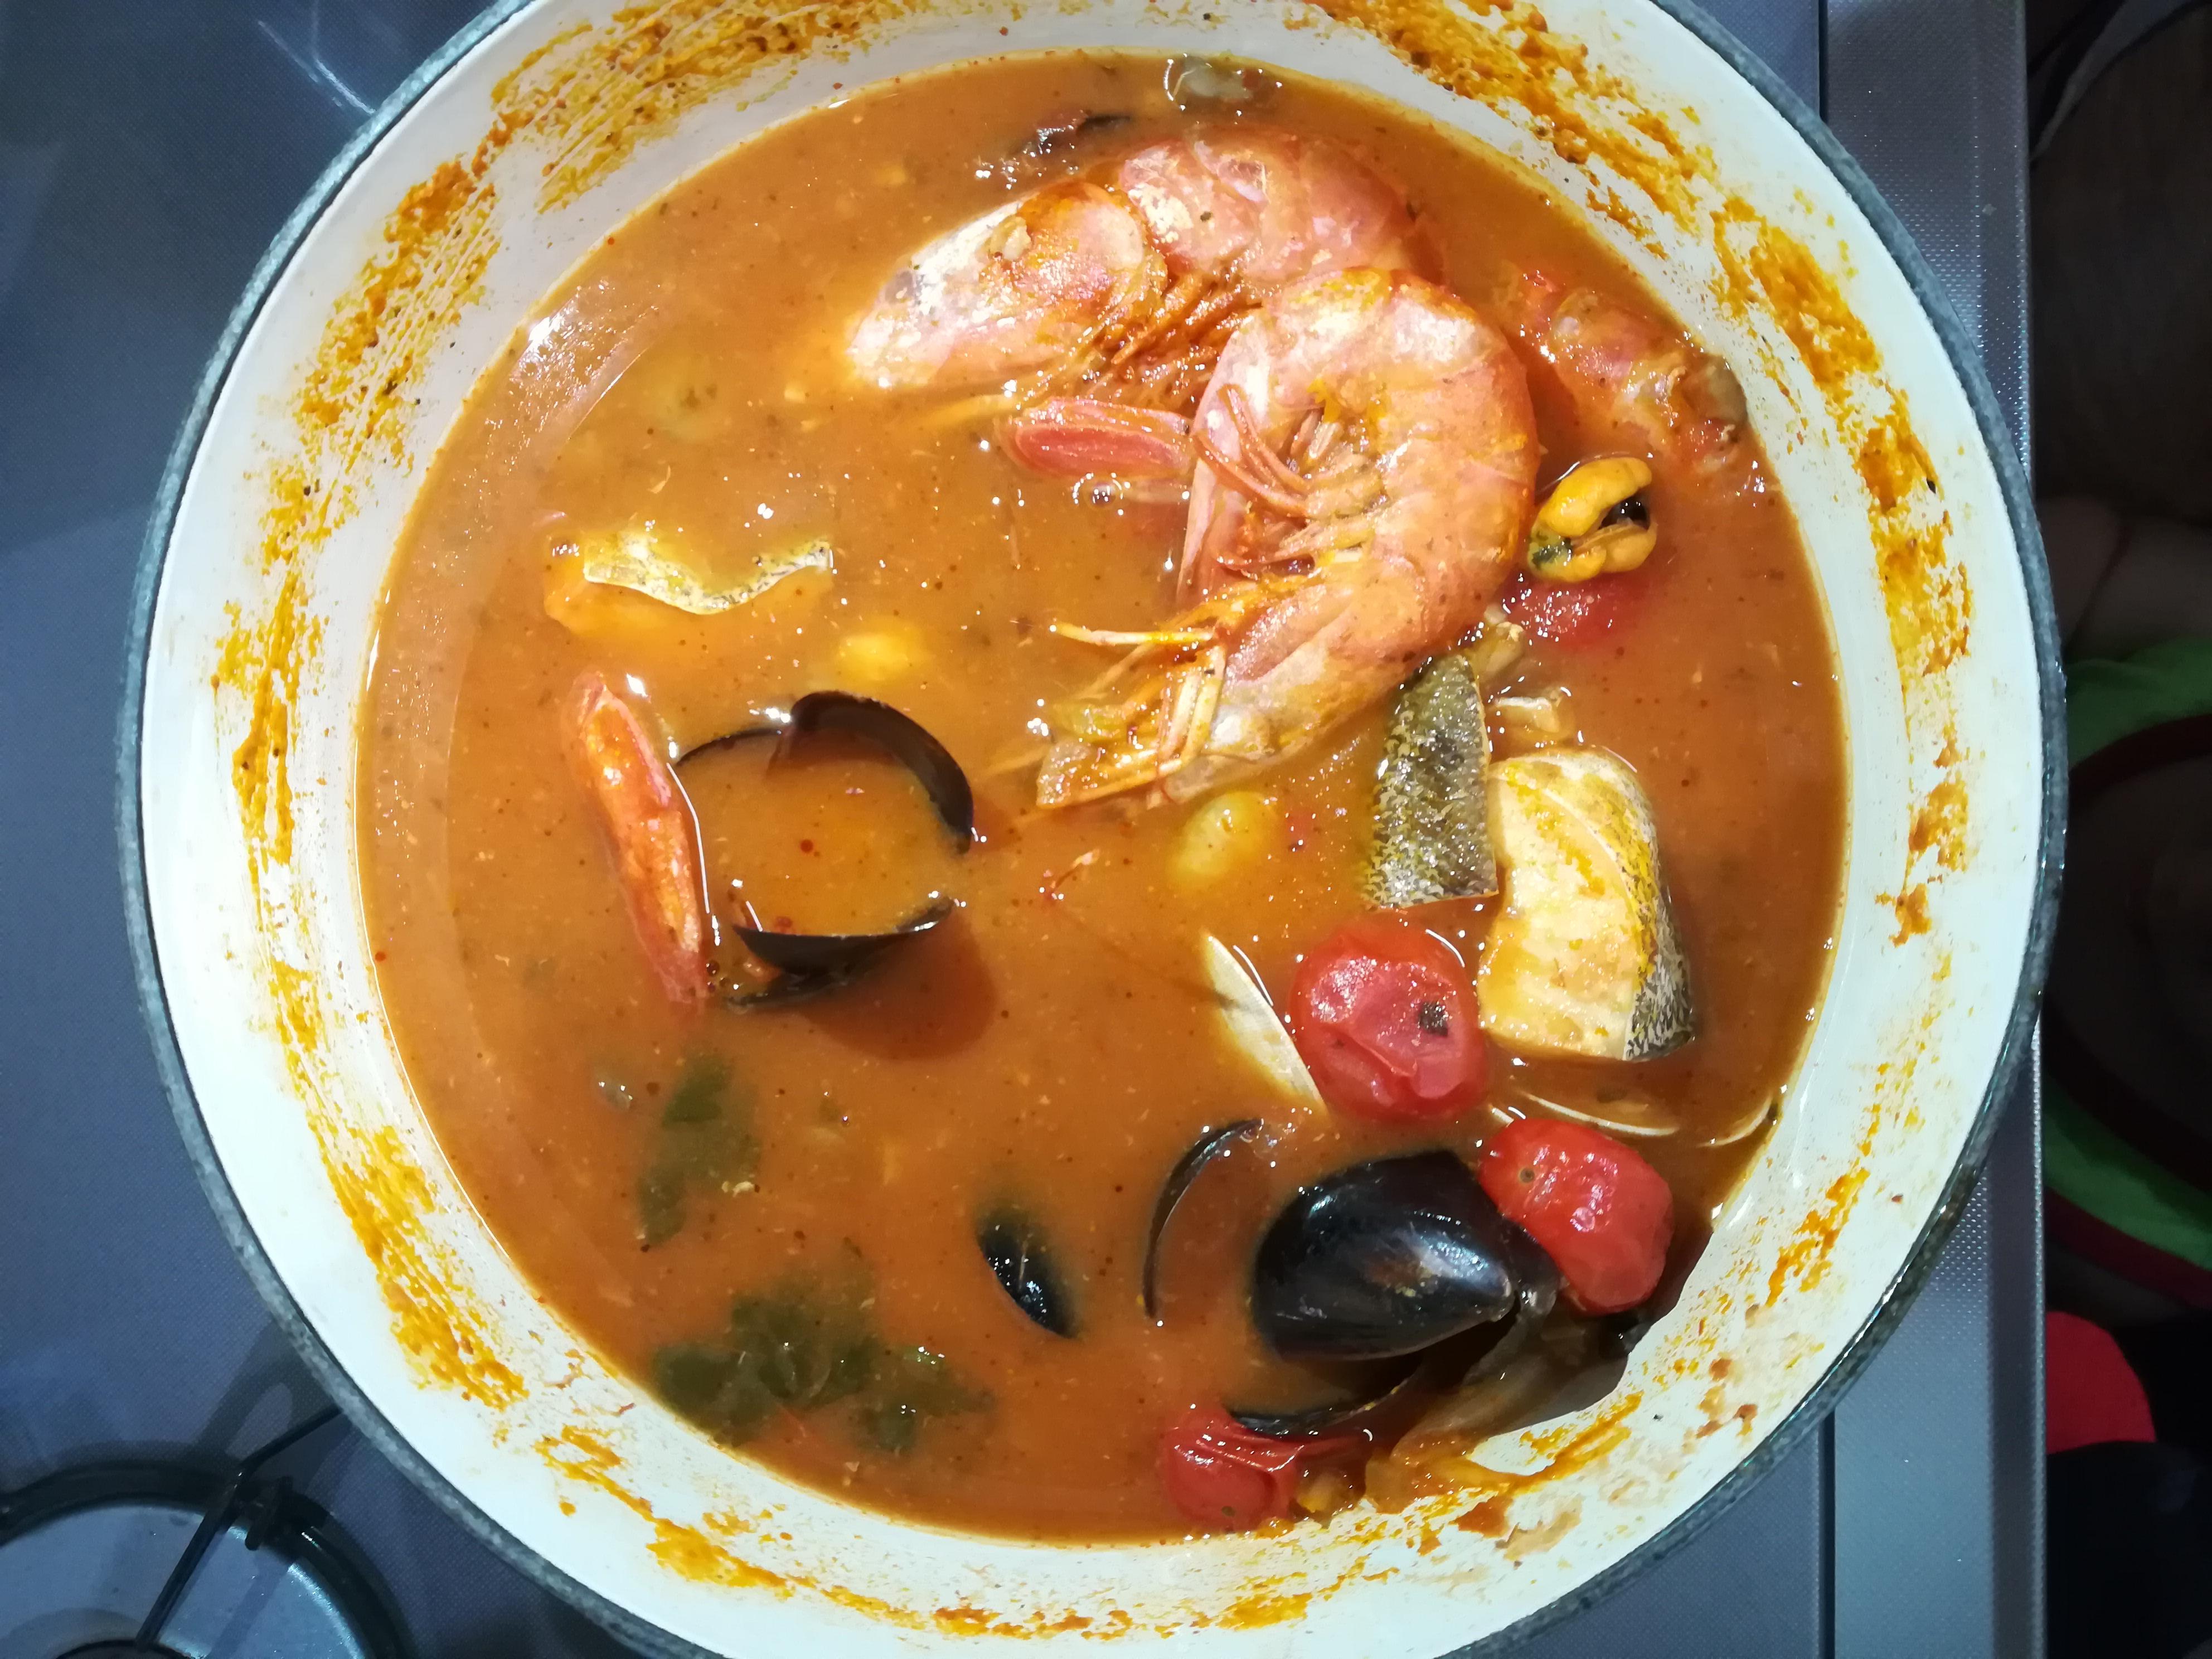 コストコのチョッピーノスープ鍋で加熱後